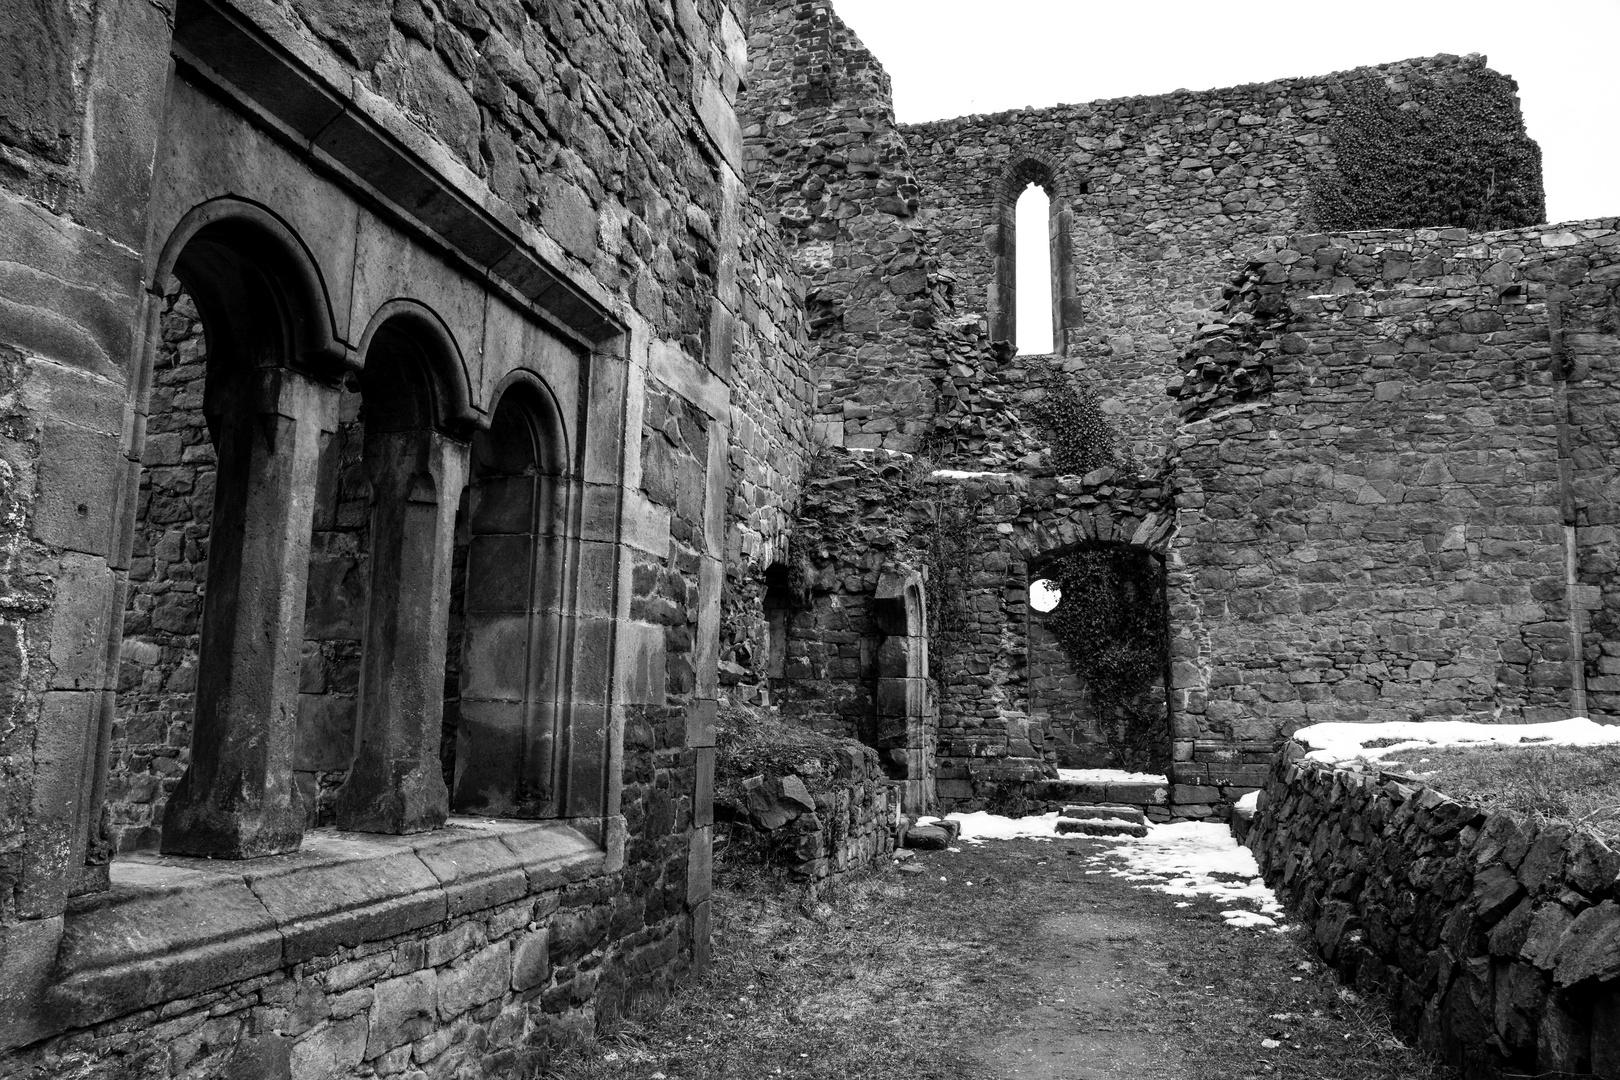 Klosterruine Heilig Kreuz, Meißen